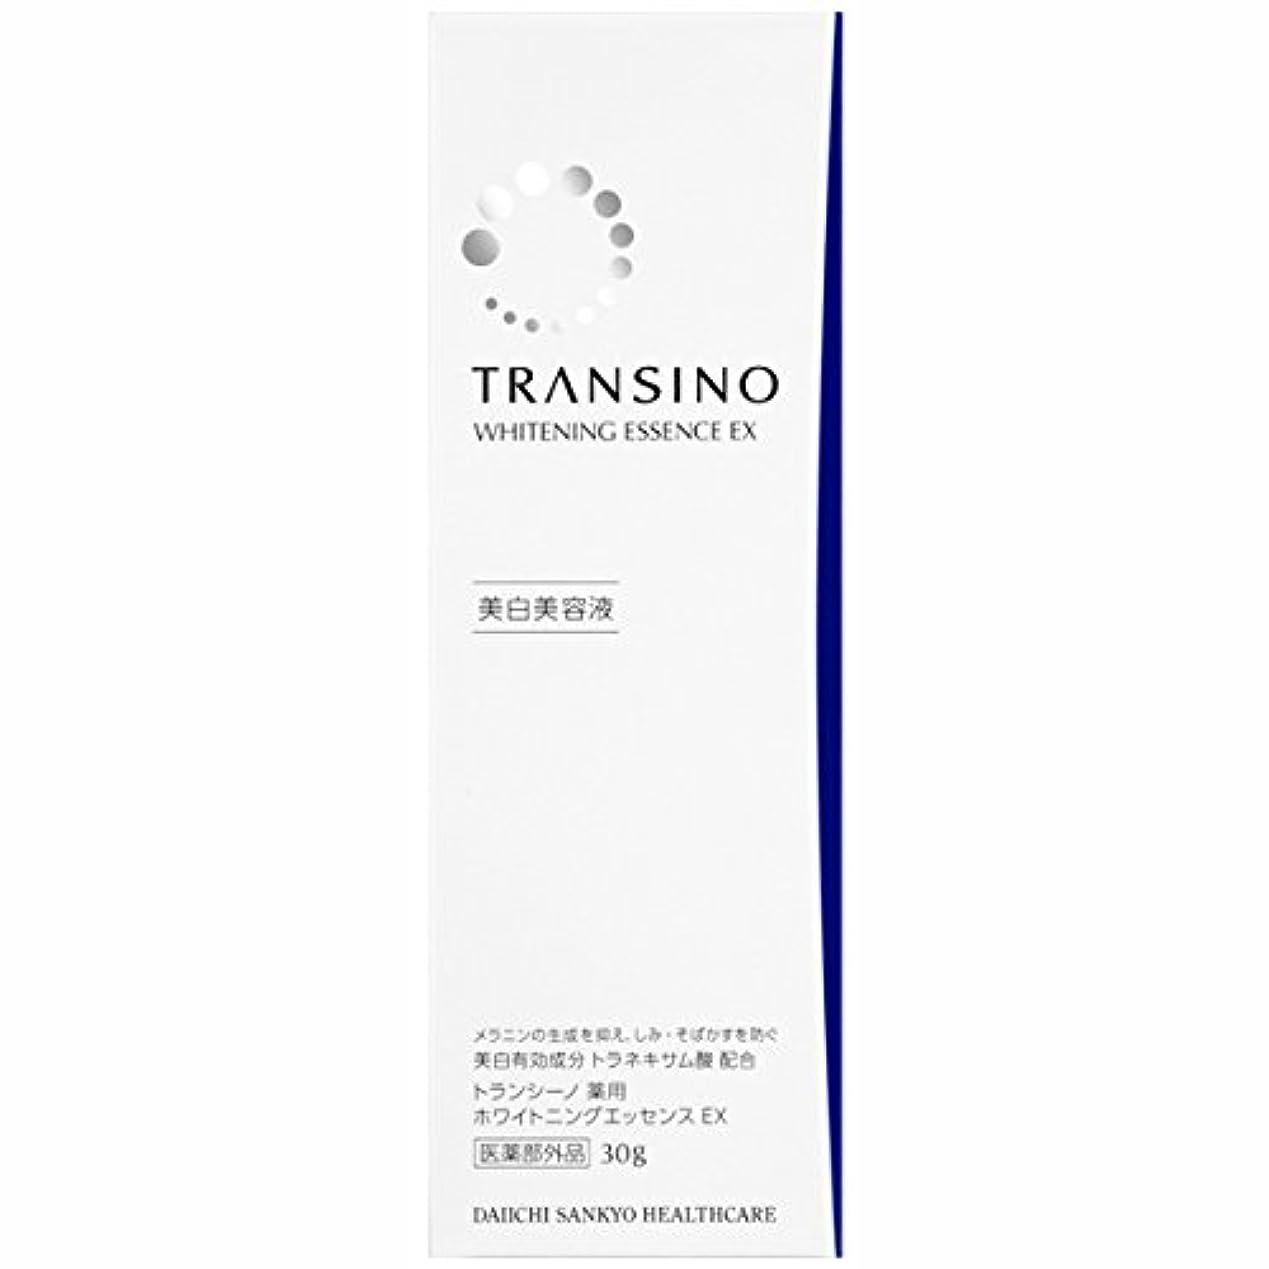 ハチ読者ピンポイントトランシーノ 薬用ホワイトニングエッセンスEX 30g (医薬部外品)